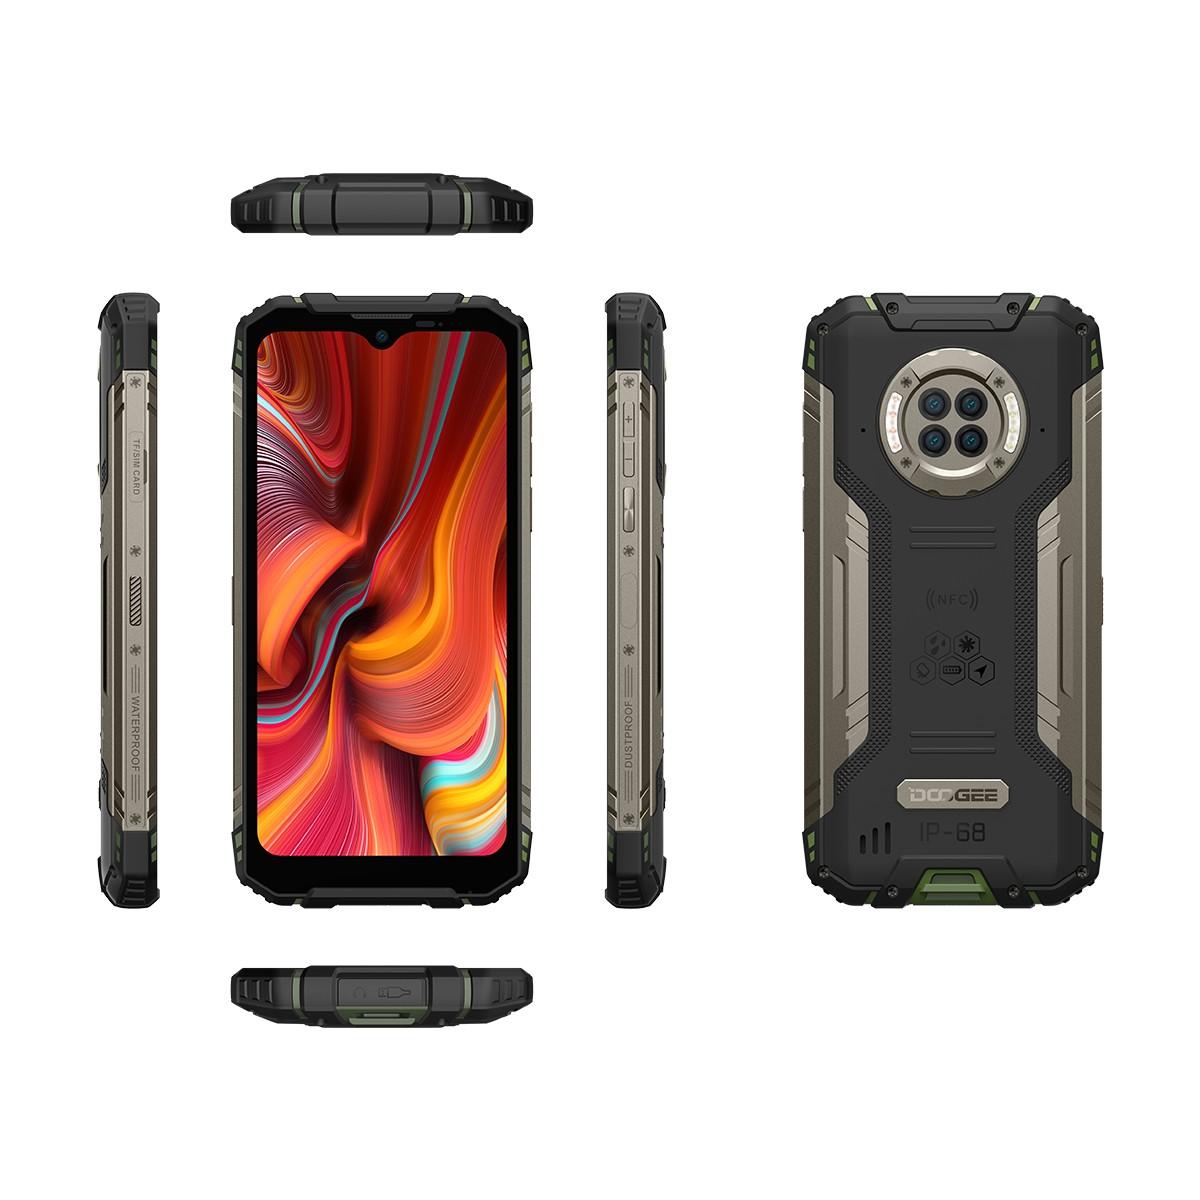 Smartphone tangguh Doogee S96 Pro diluncurkan dengan penglihatan malam inframerah